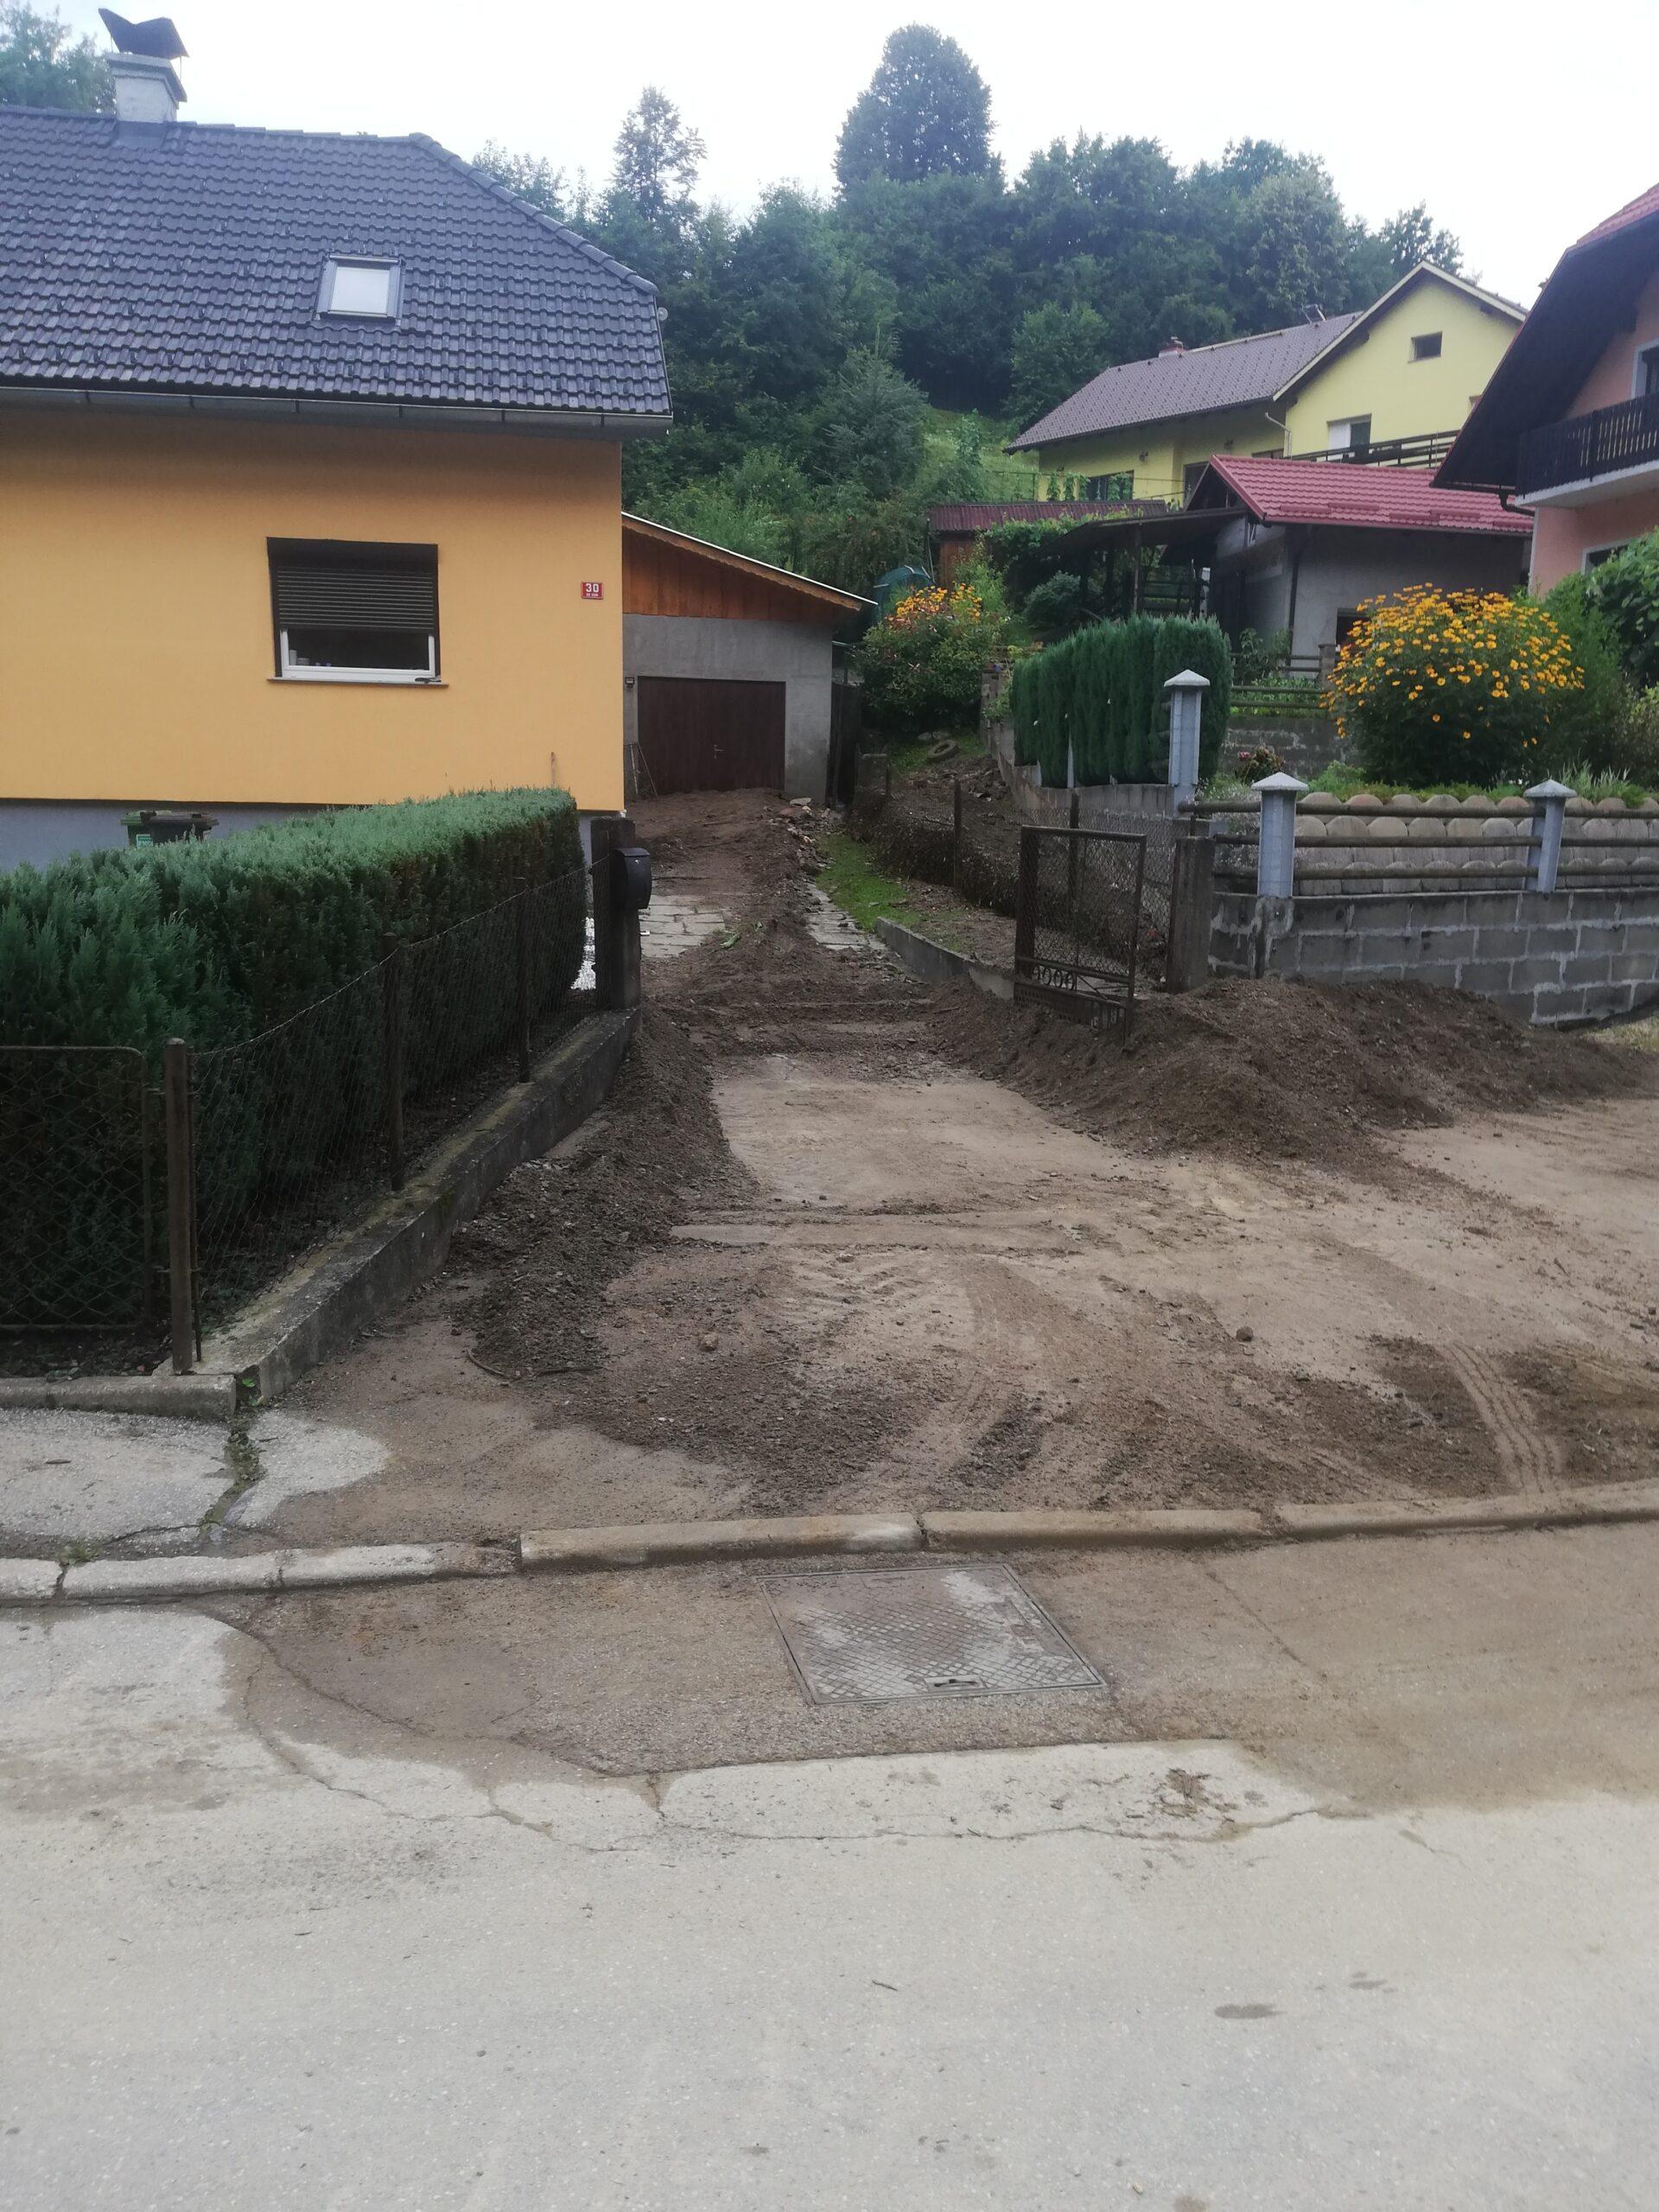 Poplavljeno dvorišče hiše z blatom